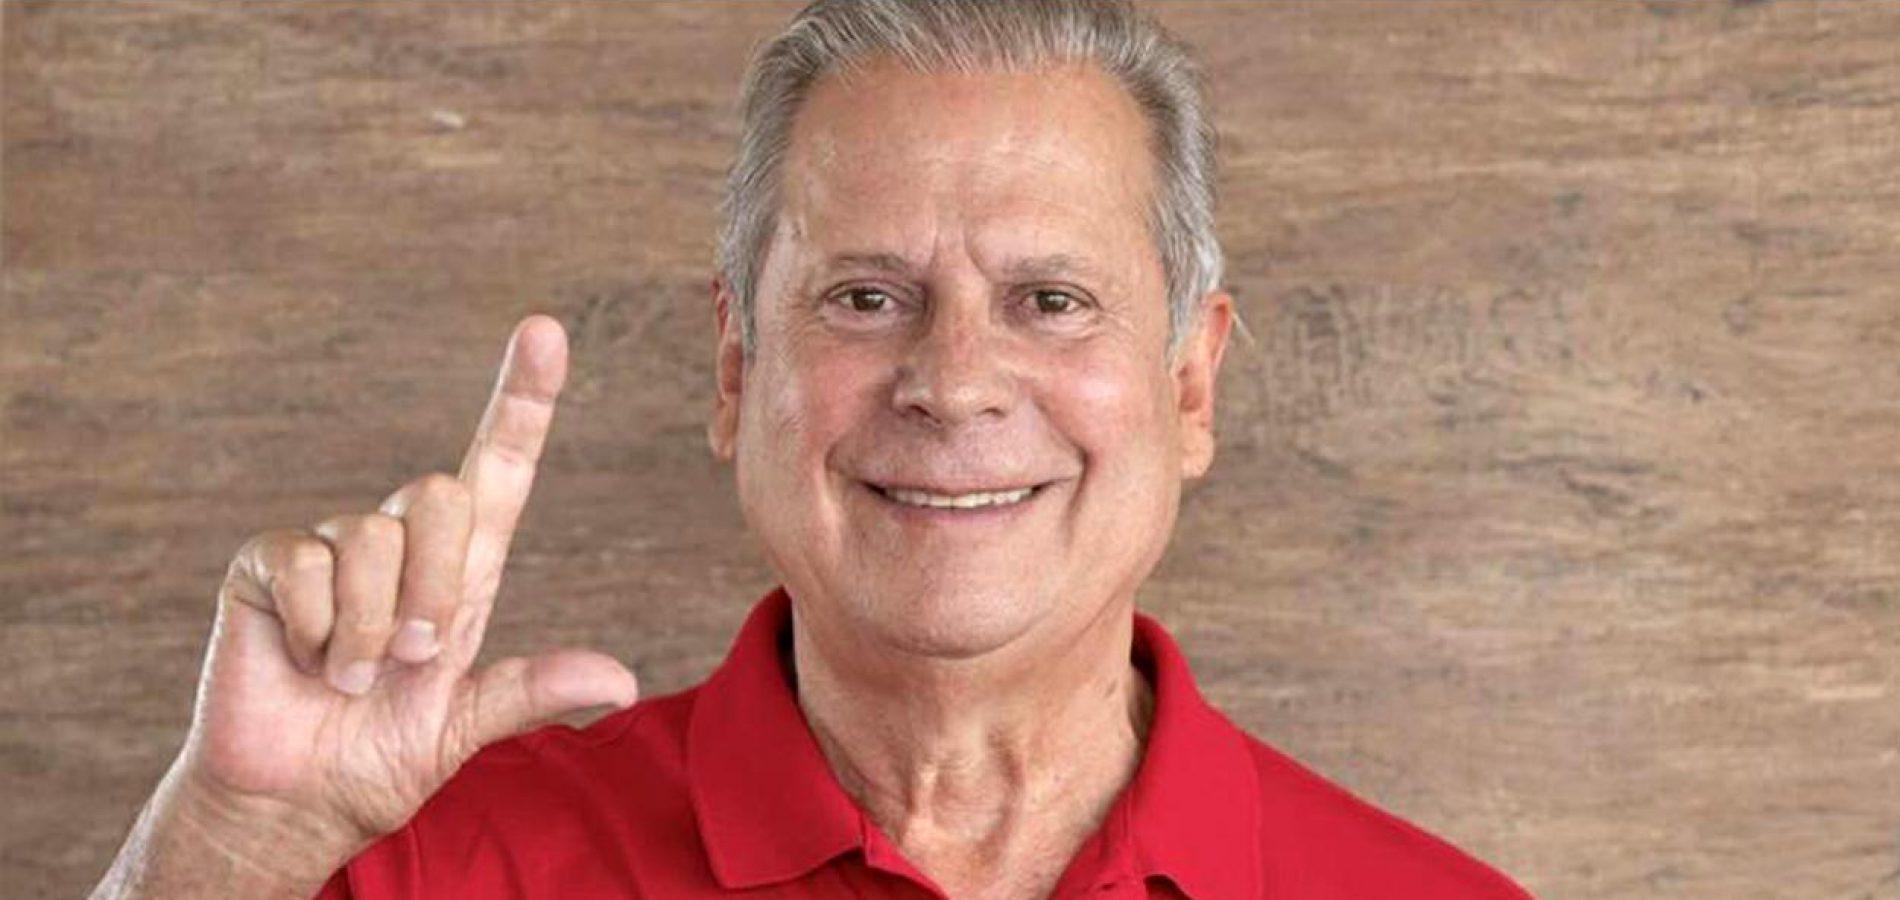 Justiça manda soltar ex-ministro José Dirceu após decisão do STF